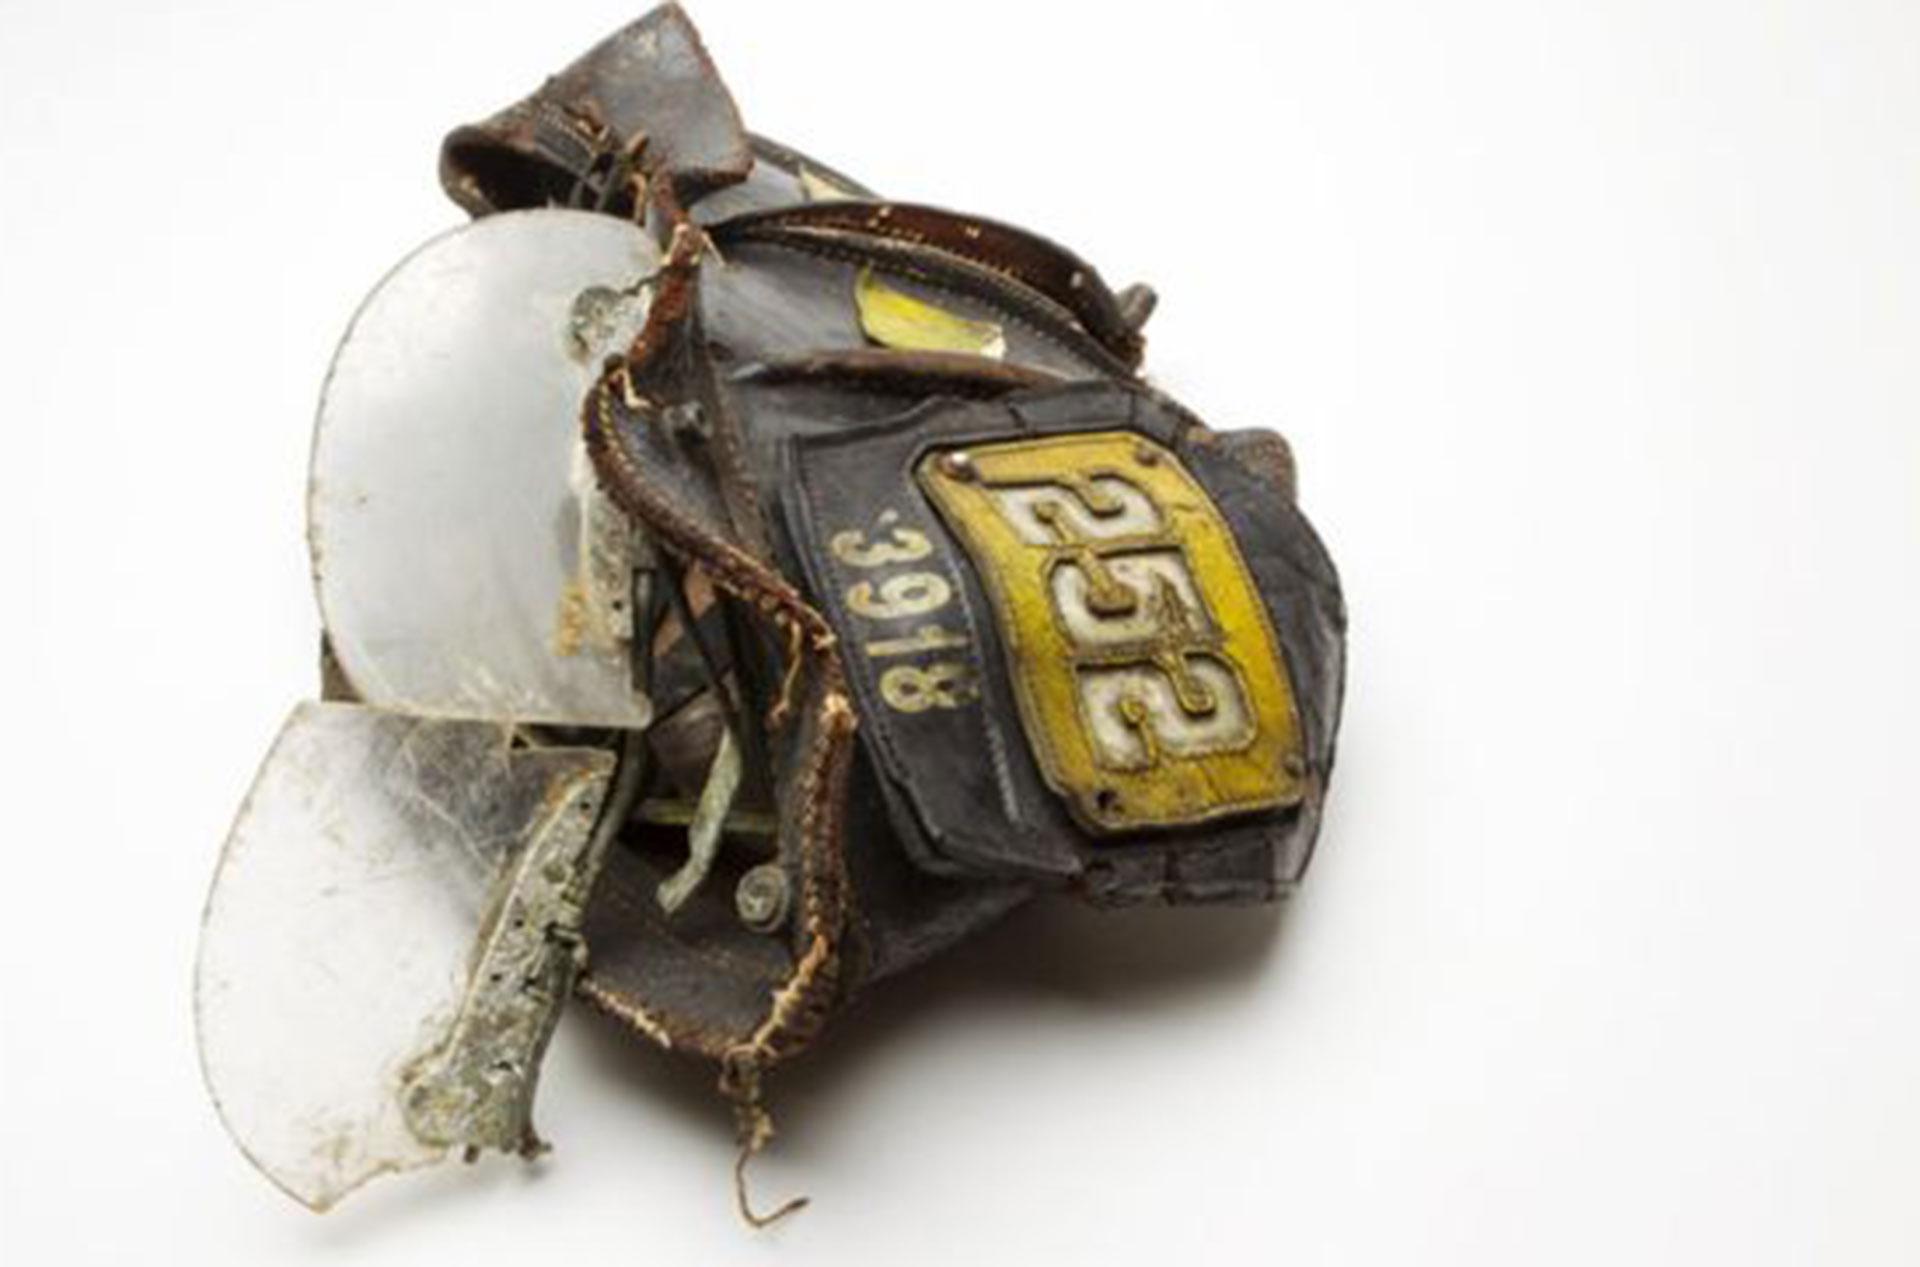 Un casco de bombero destruido que pertenecía a Kevin Prior, fallecido durante las operaciones de rescate. Su cuerpo fue encontrado tres semanas después